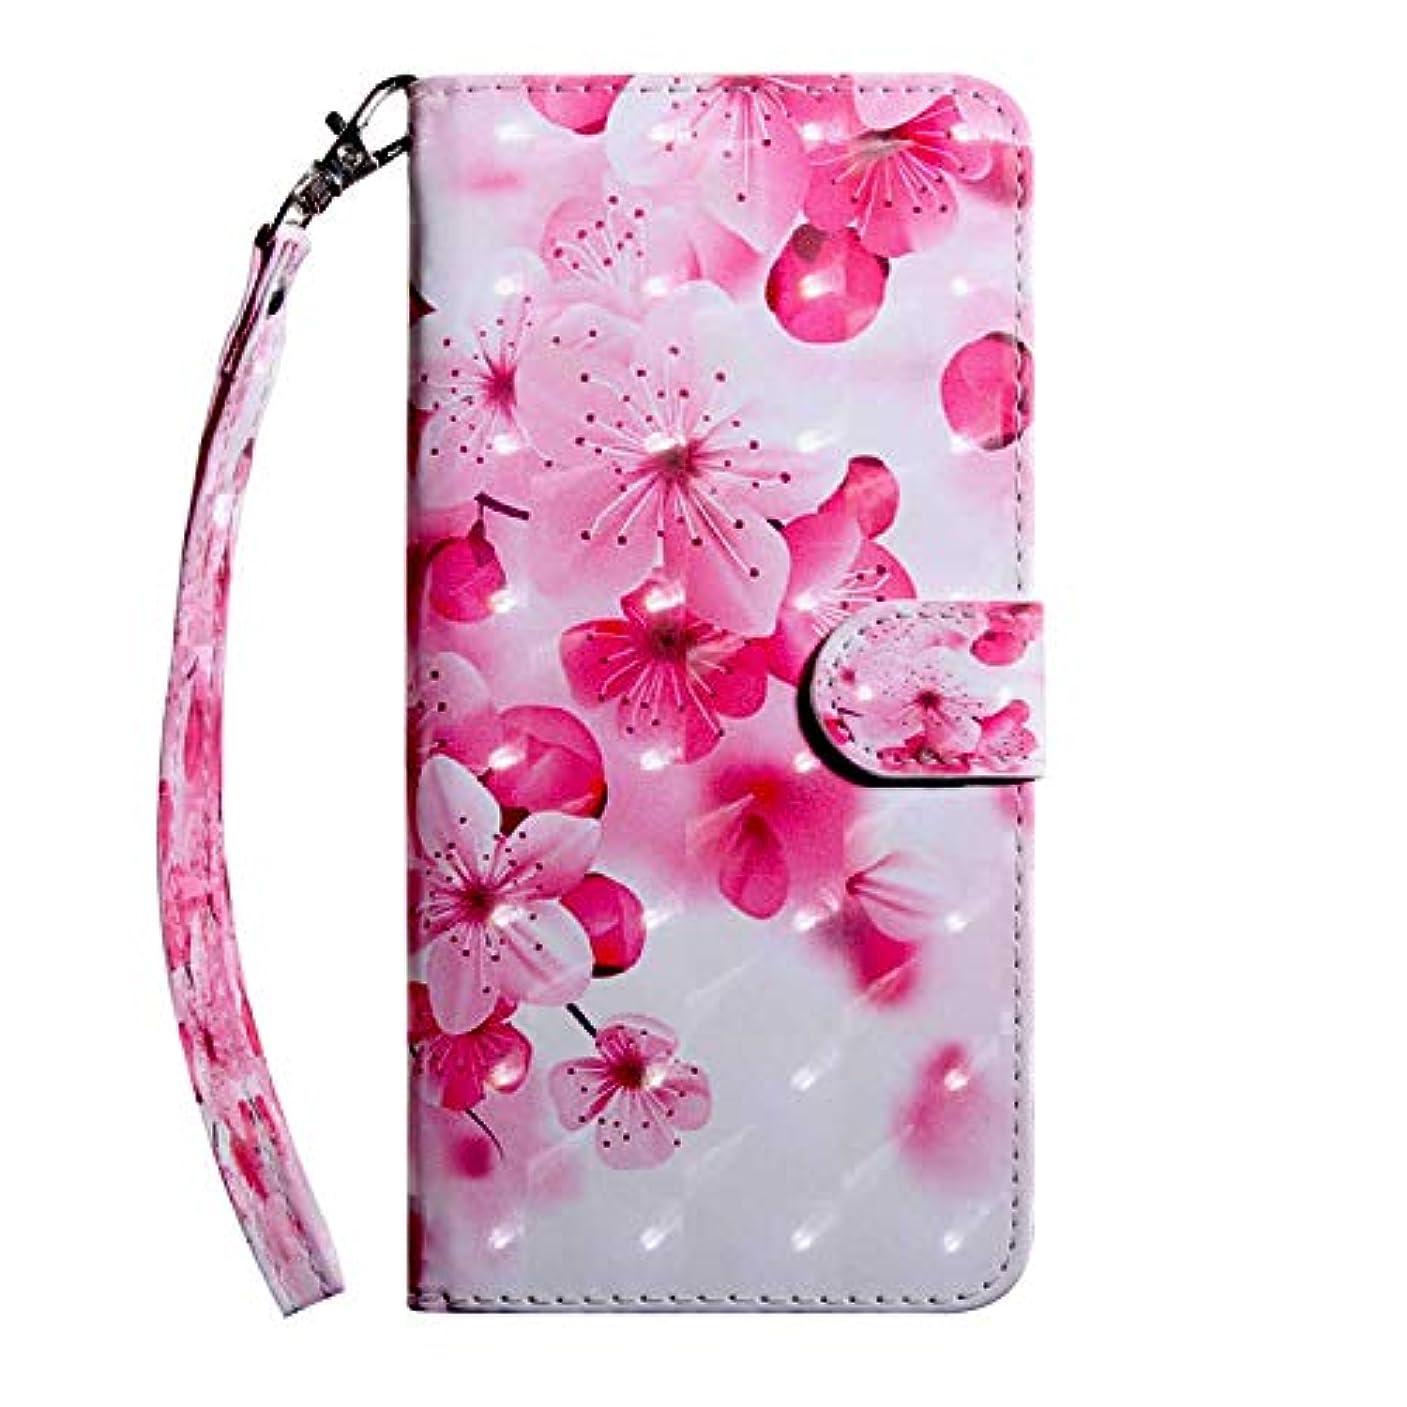 できればリマークマウンドCUSKING Sony Xperia XA2 ケース 手帳型 財布型カバー Sony Xperia XA2 スマホカバー 磁気バックル カード収納 スタンド機能 エクスペリア レザーケース –さくら